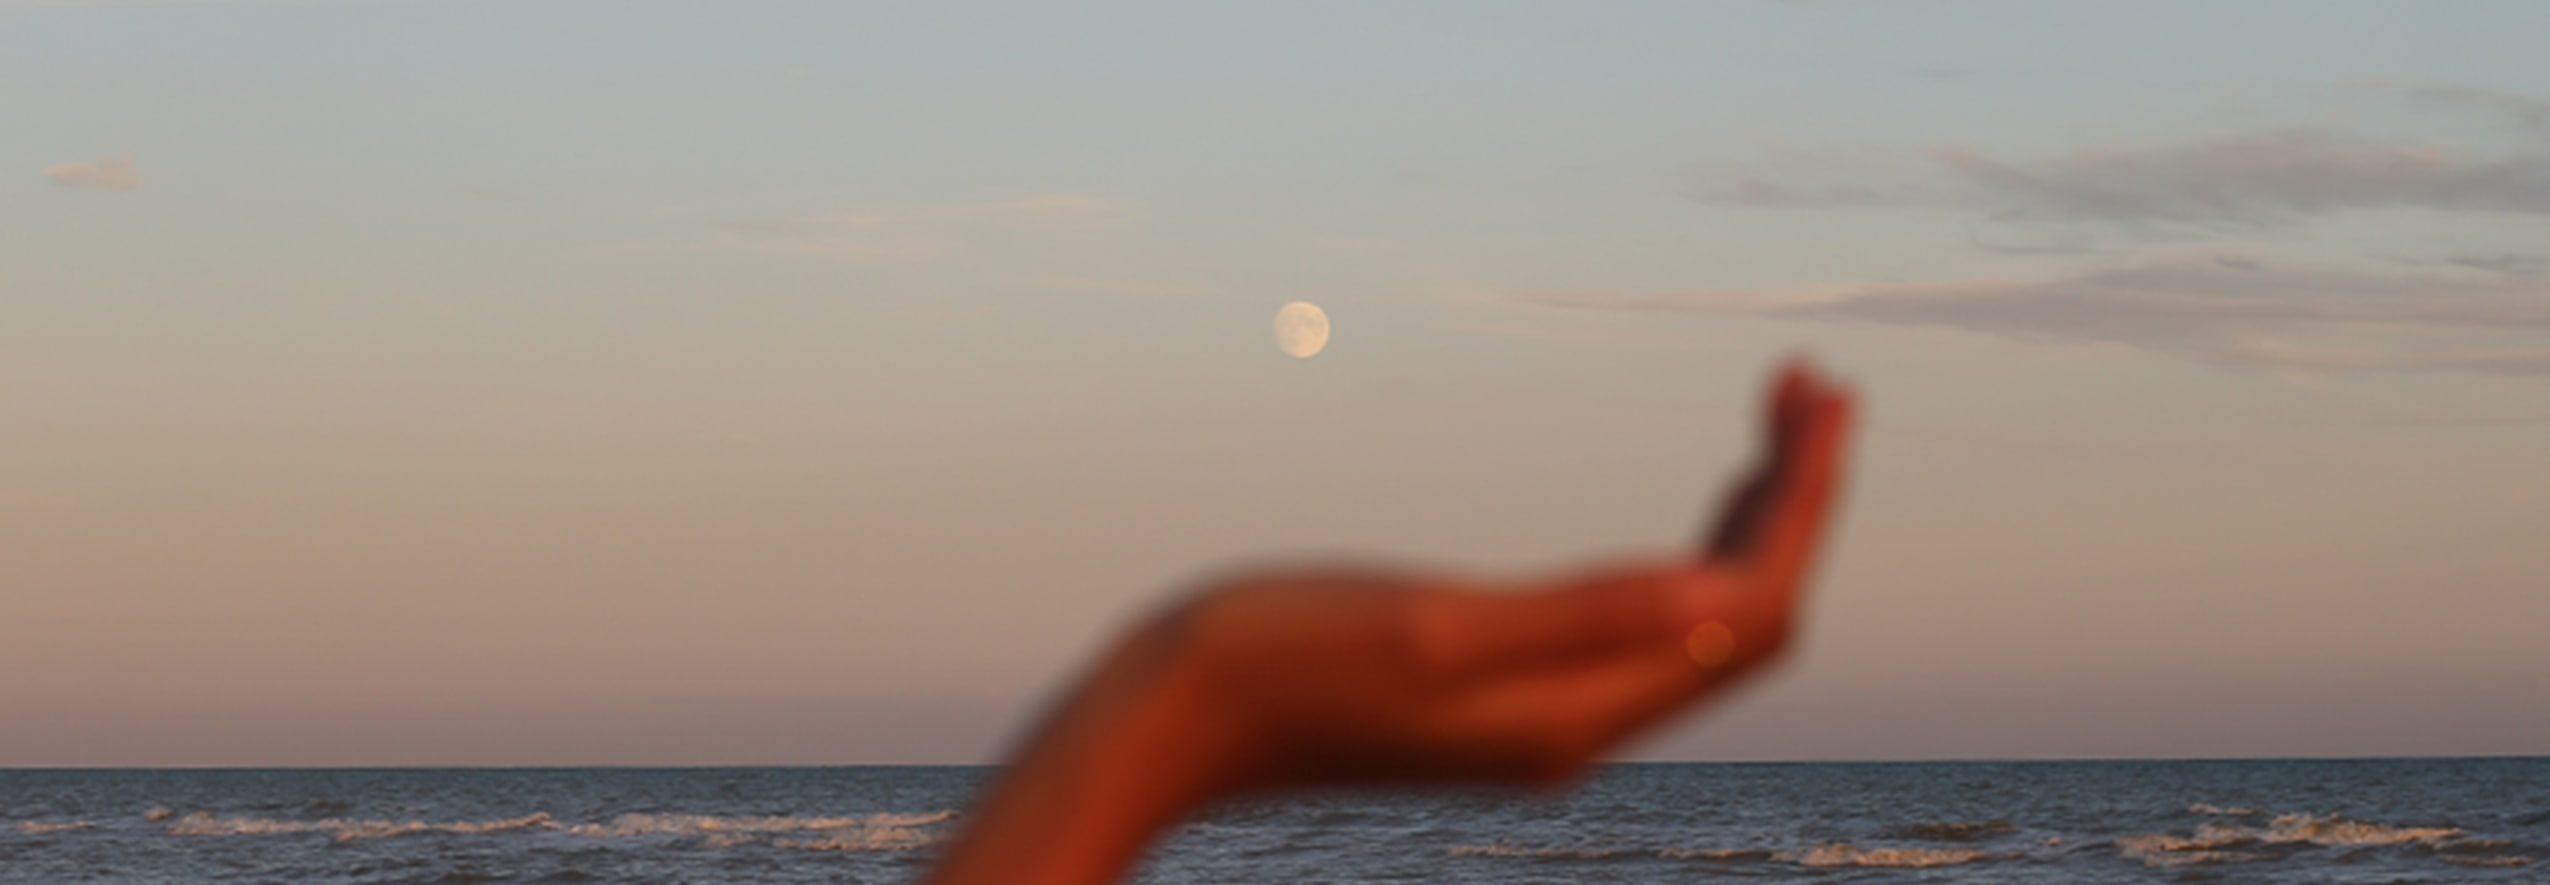 blurred hand sea horizon